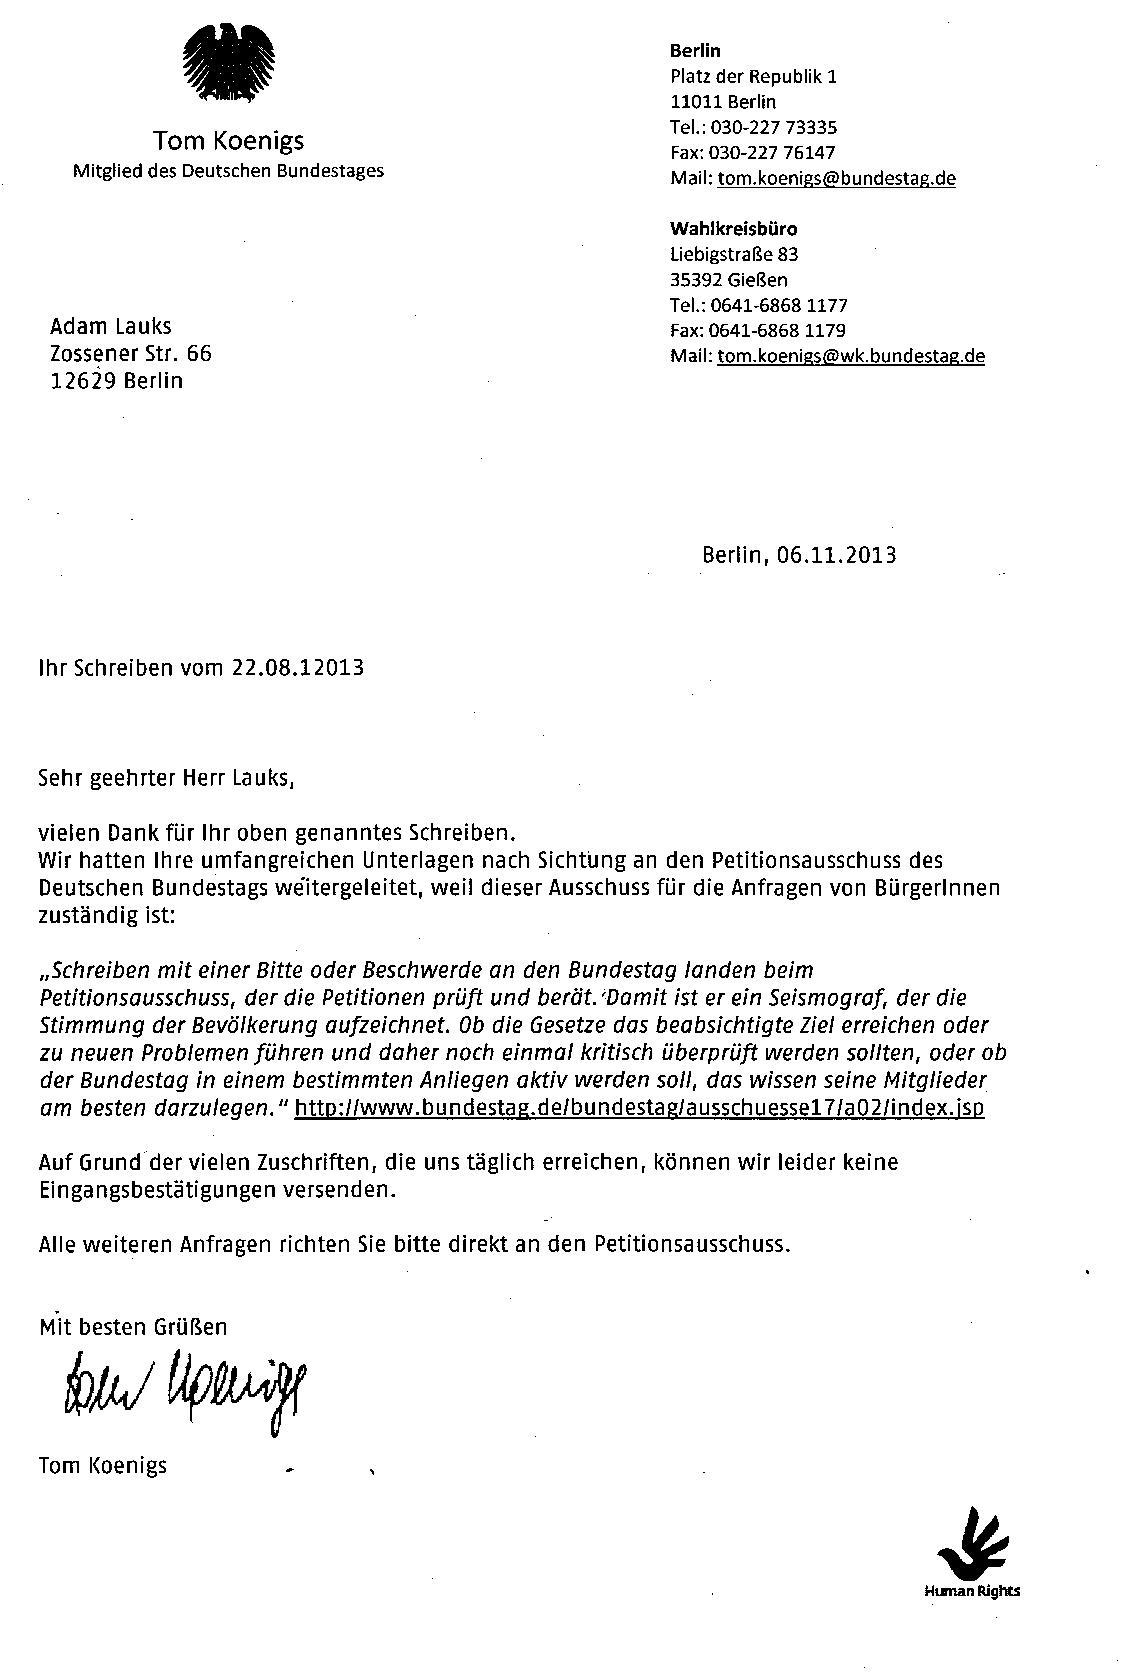 Briefe An Lehrerin Schreiben : Adam lauks folteropfer der stasi offener brief an den